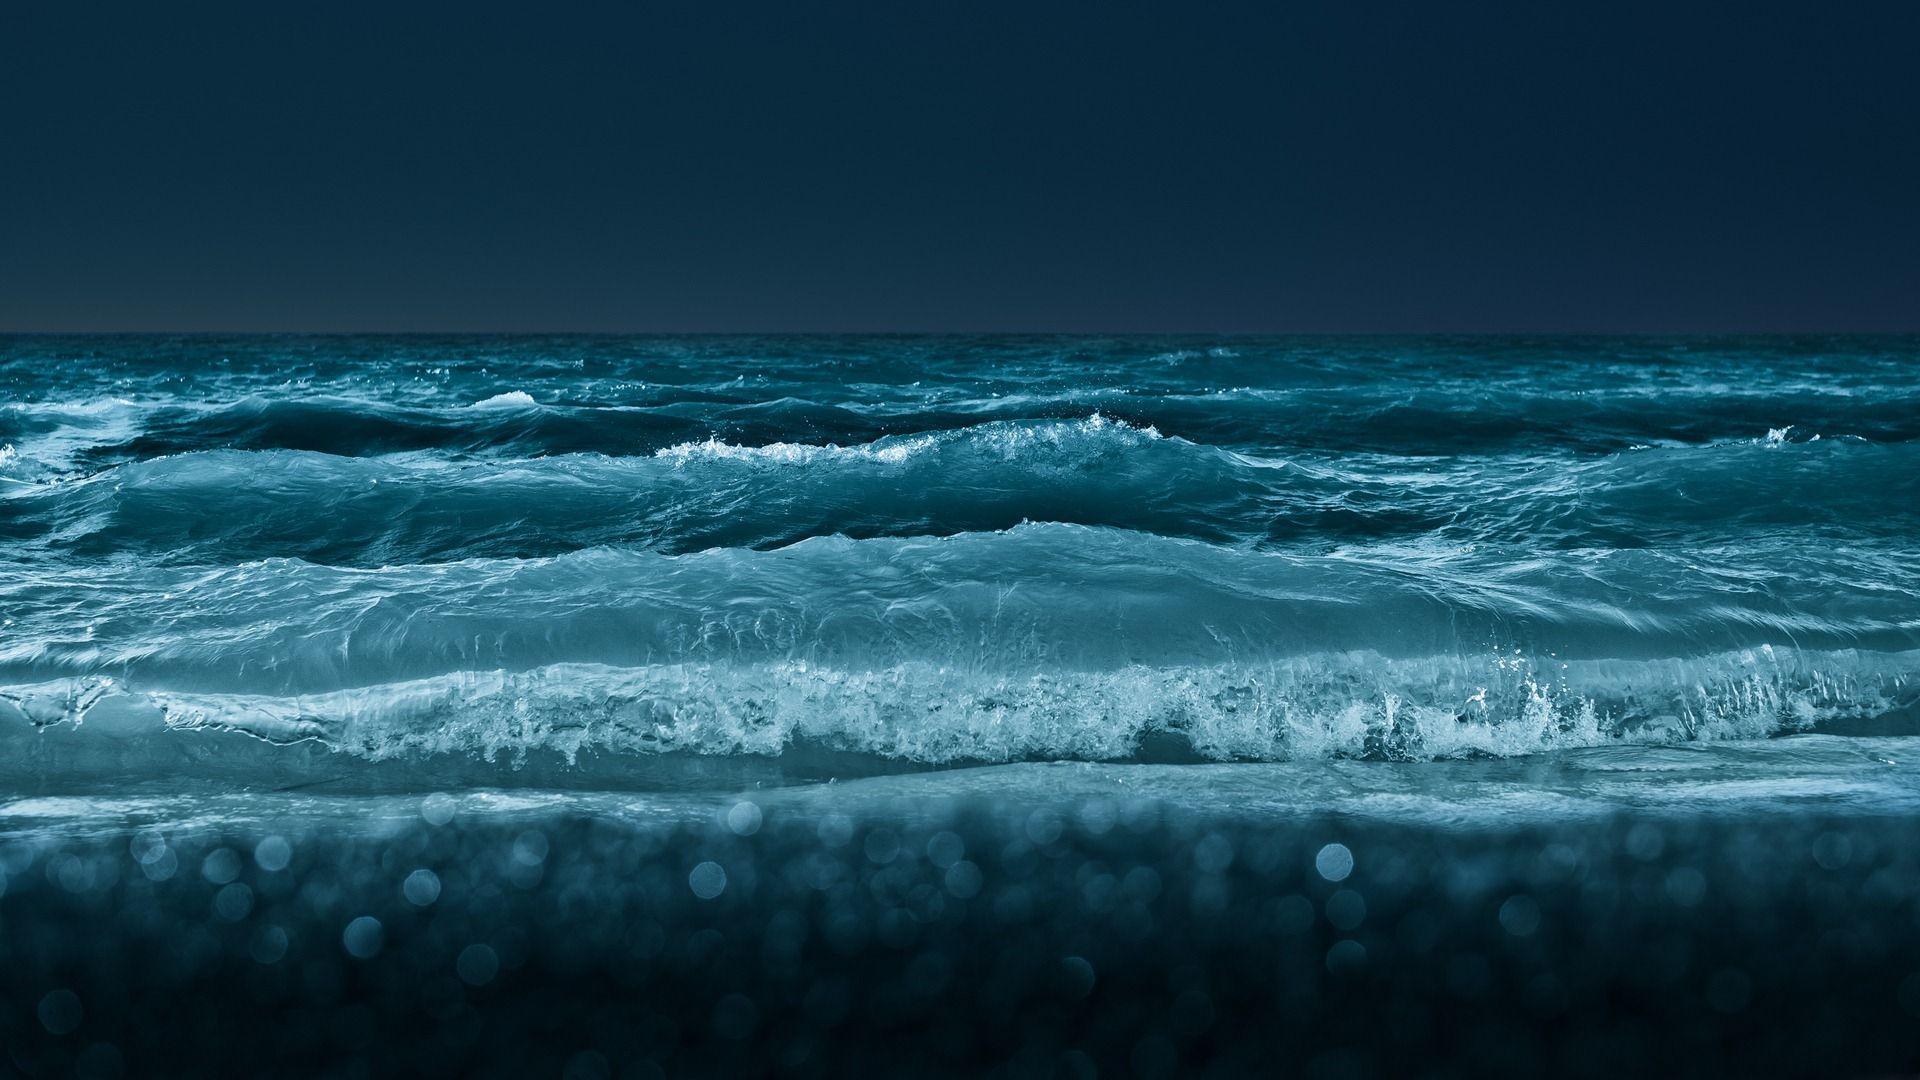 wallpapers for ocean storm desktop backgrounds